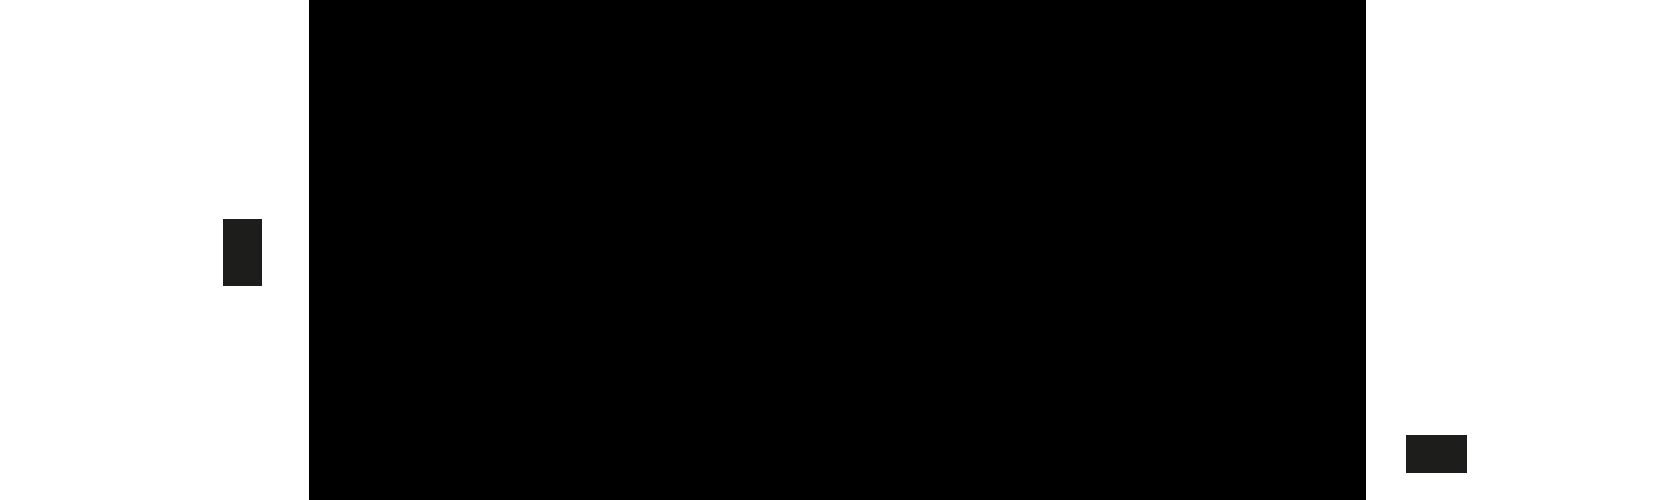 Shure 520DX Micrófono de armónica Imagen de la curva de la respuesta en frecuencia